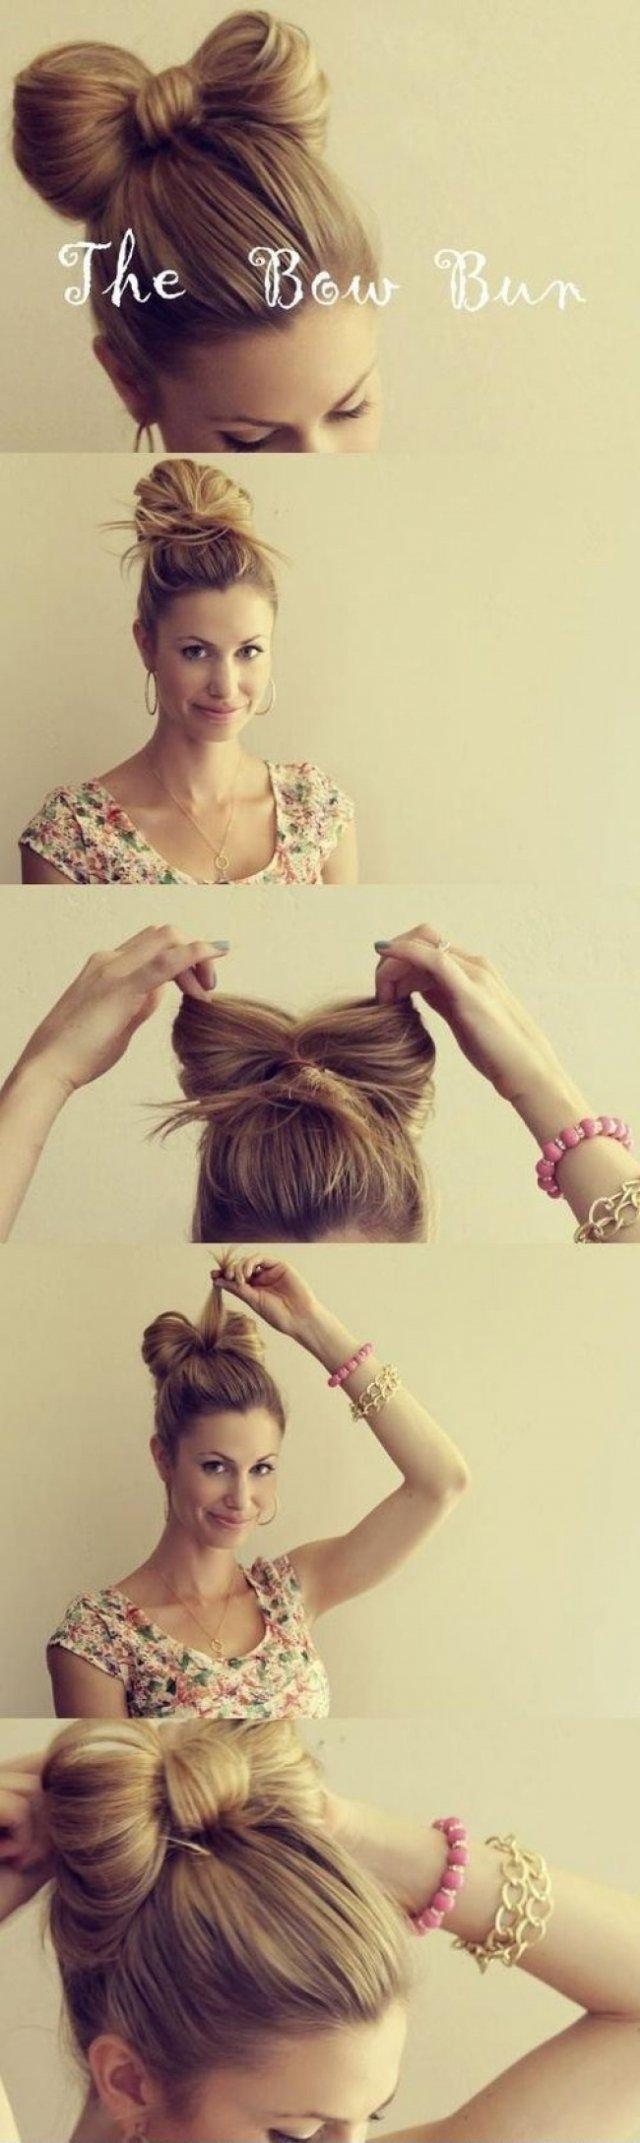 10 способів вкласти волосся, якщо ви запізнюєтеся (фото)